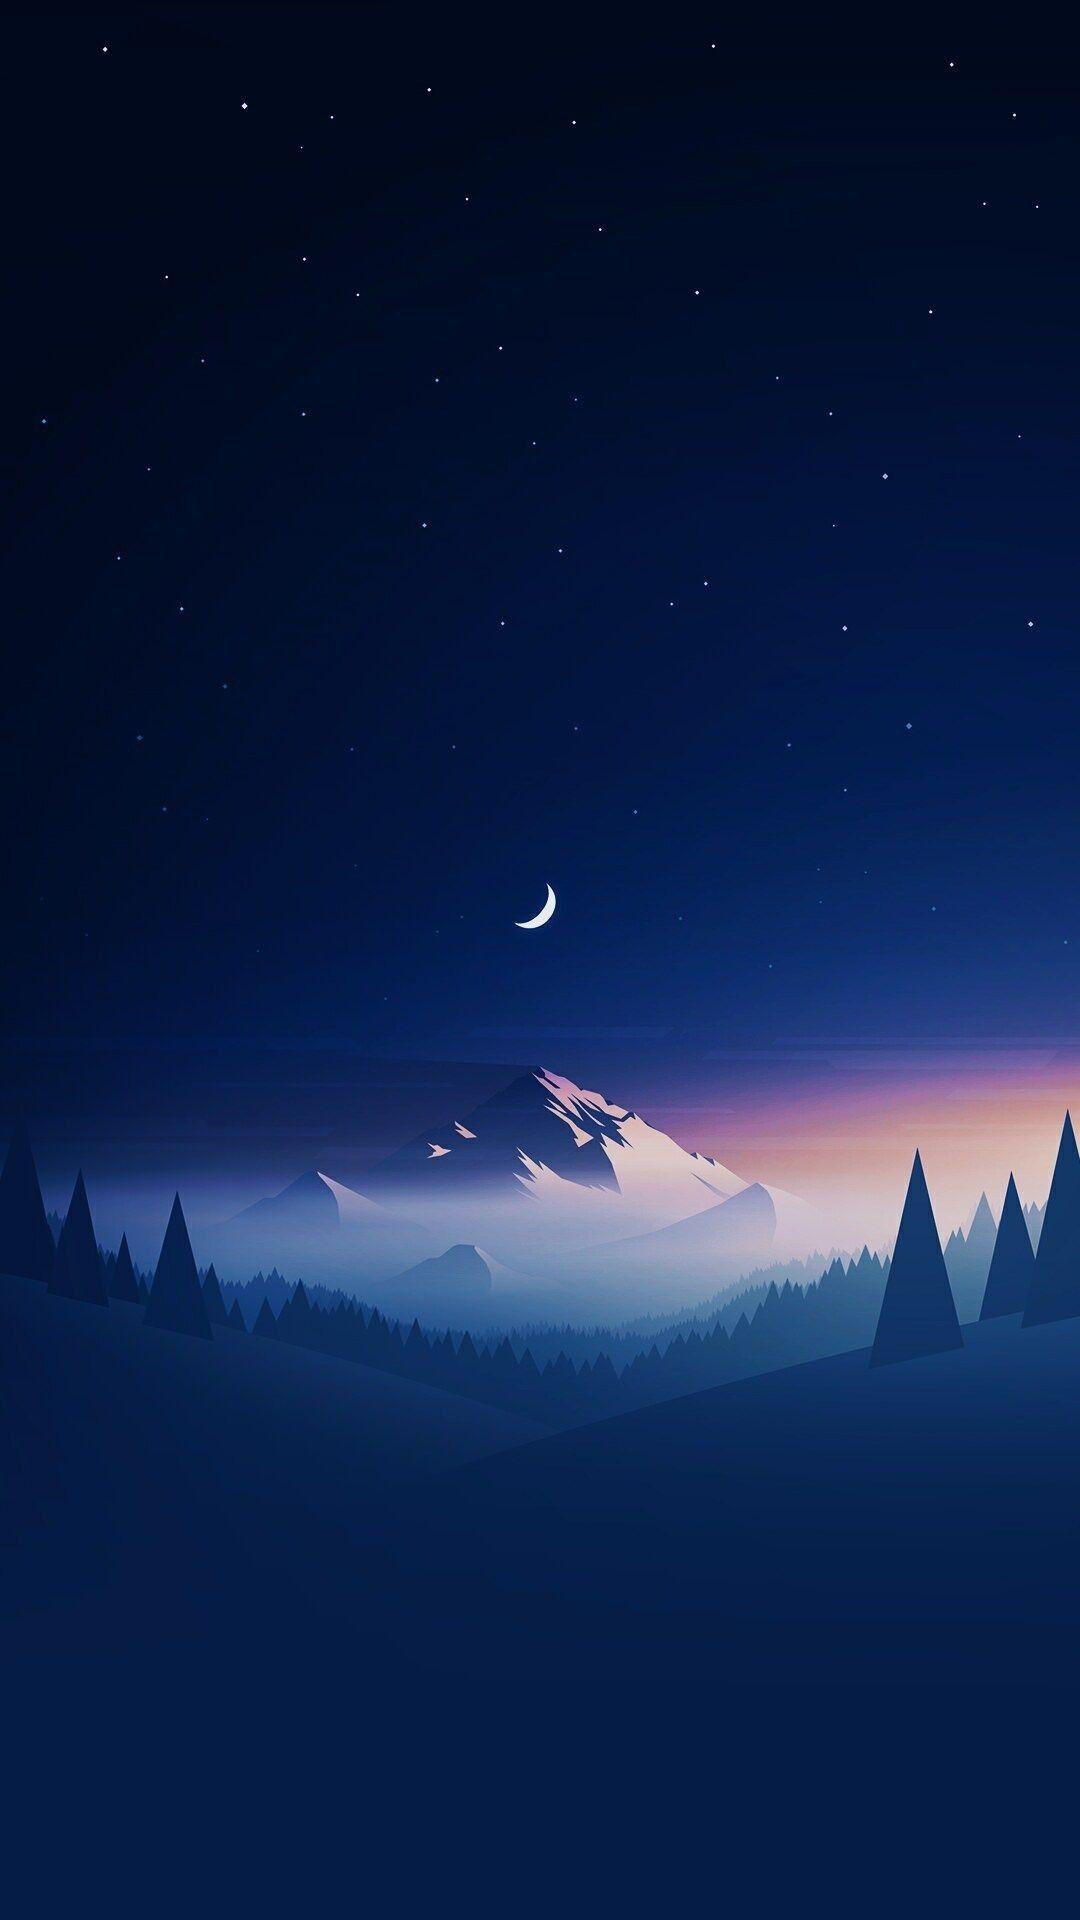 #Night #mood #wallpaper #fantasy ~Veer in 2020   Mkbhd ...